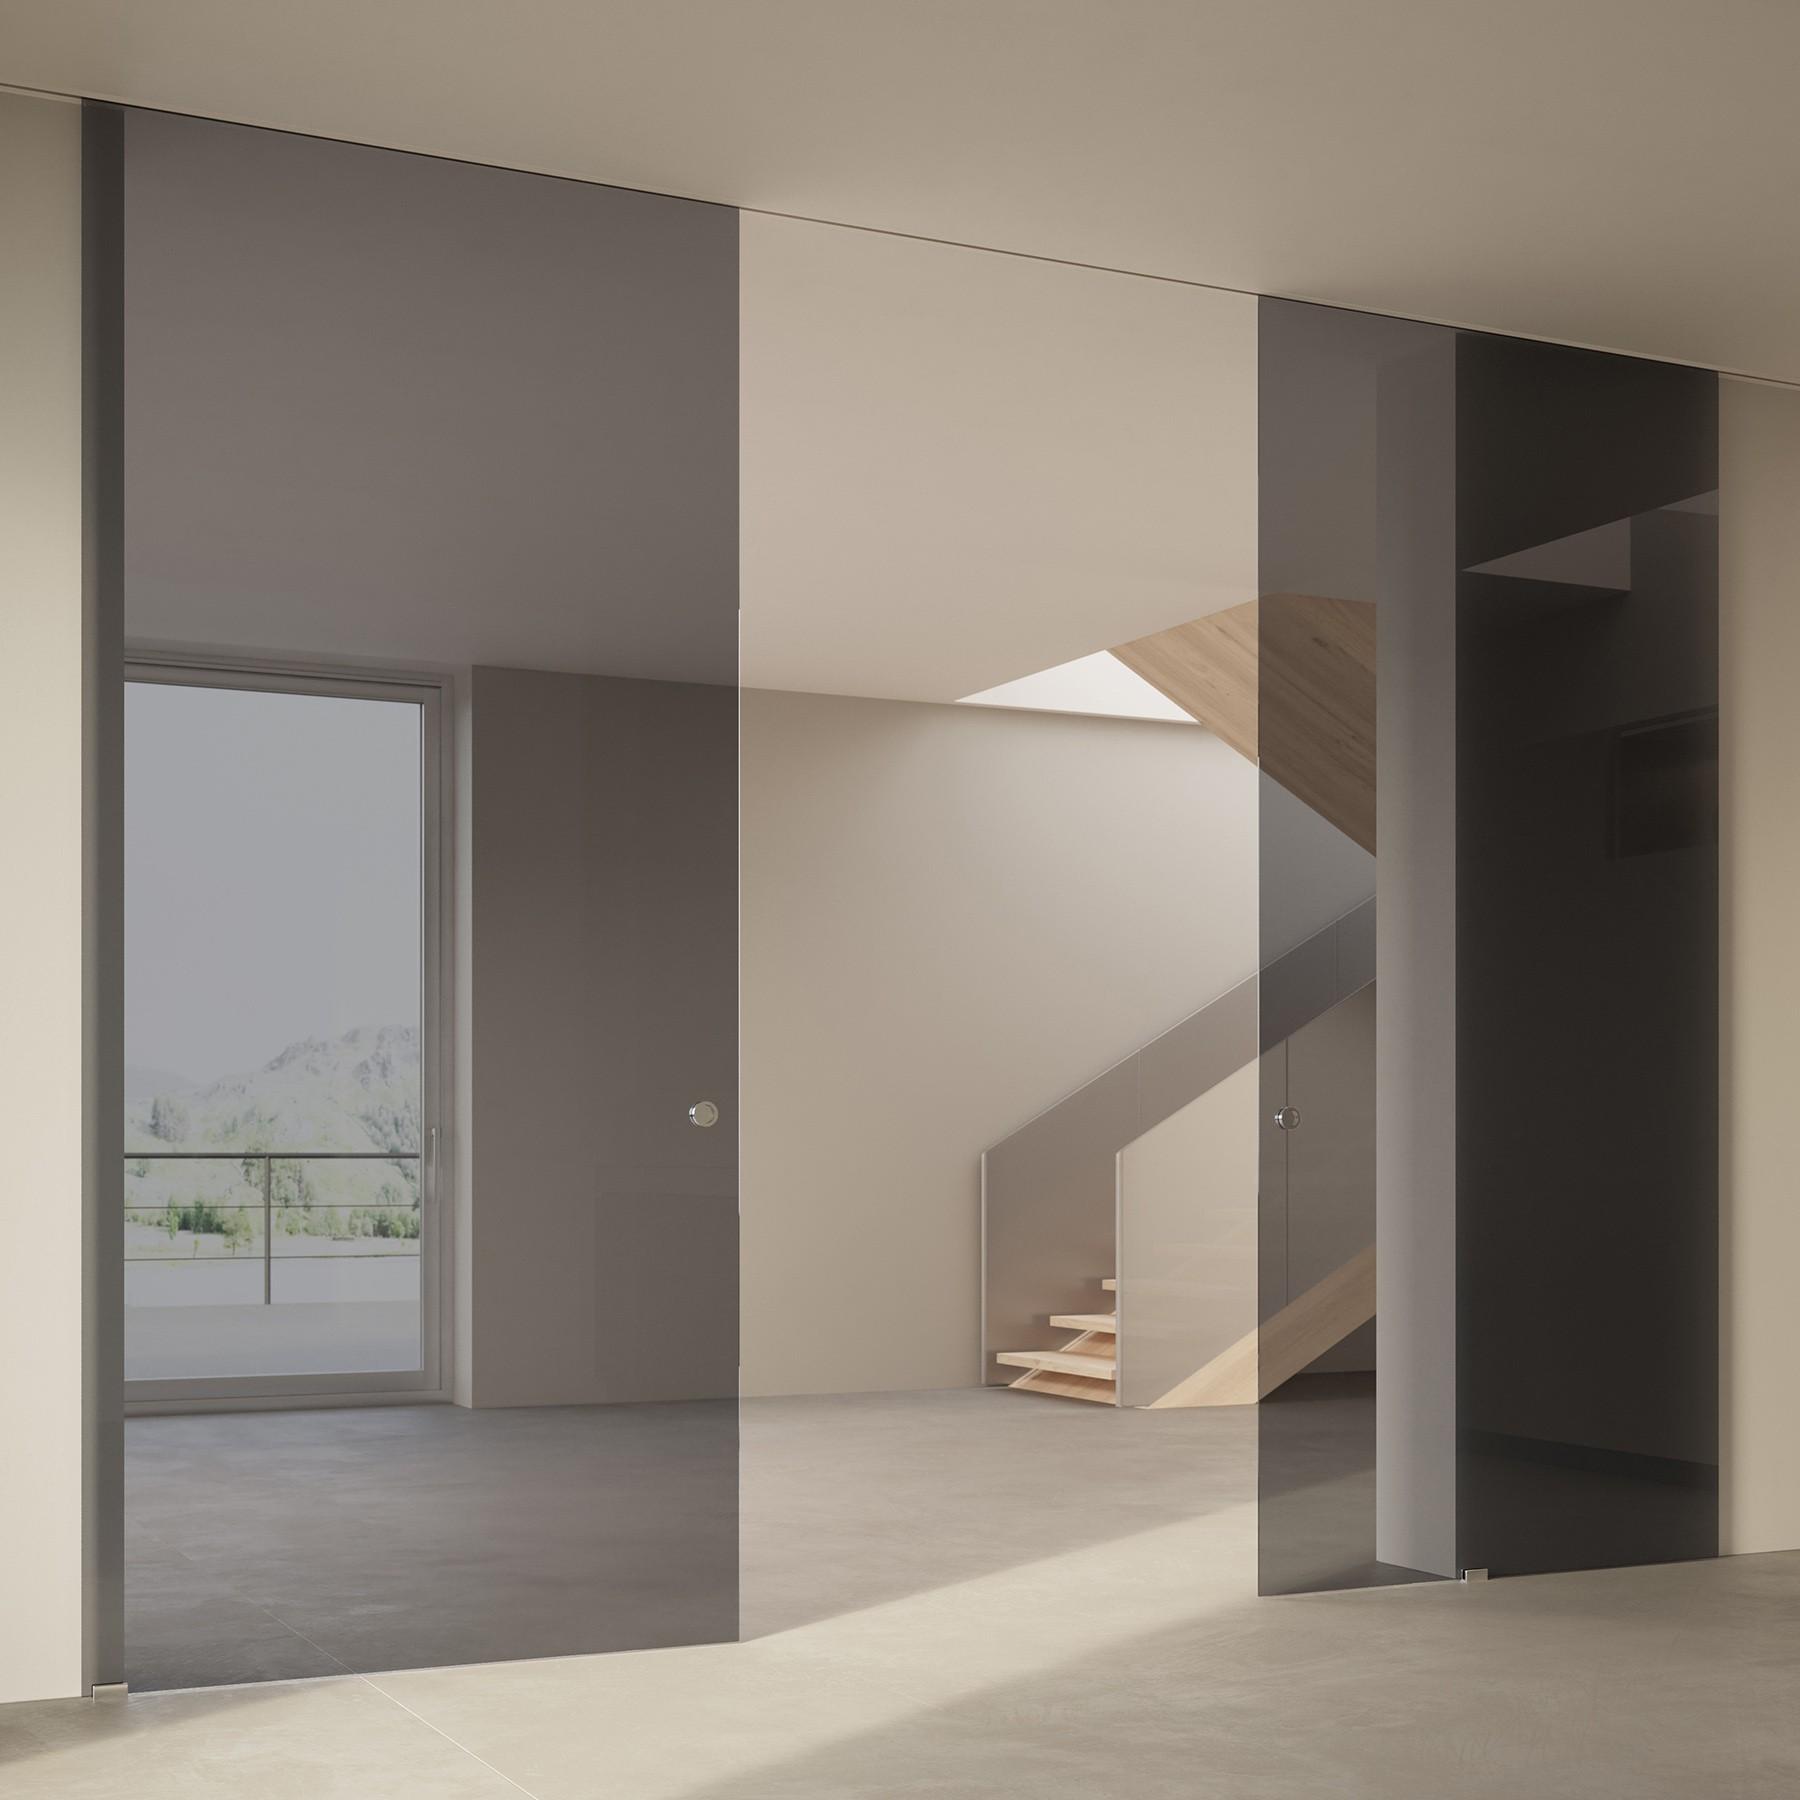 Scenario Visio Up with Transparent grigio glass